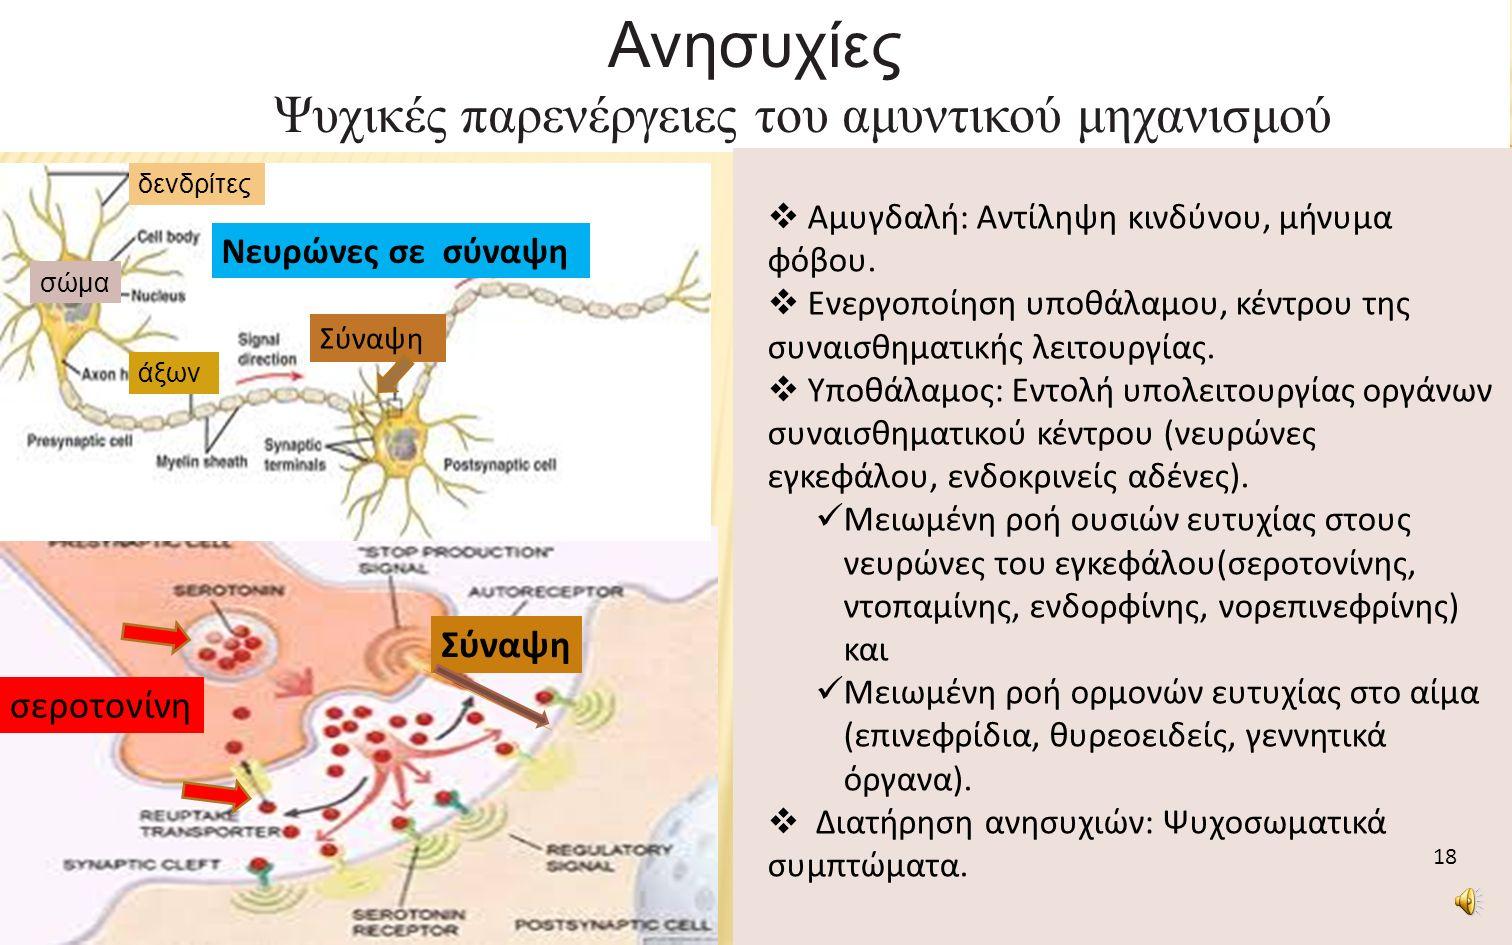 Ανησυχίες Ψυχικές παρενέργειες του αμυντικού μηχανισμού Σύναψη νευρώνας Σύναψη σεροτονίνη  Αμυγδαλή: Αντίληψη κινδύνου, μήνυμα φόβου.